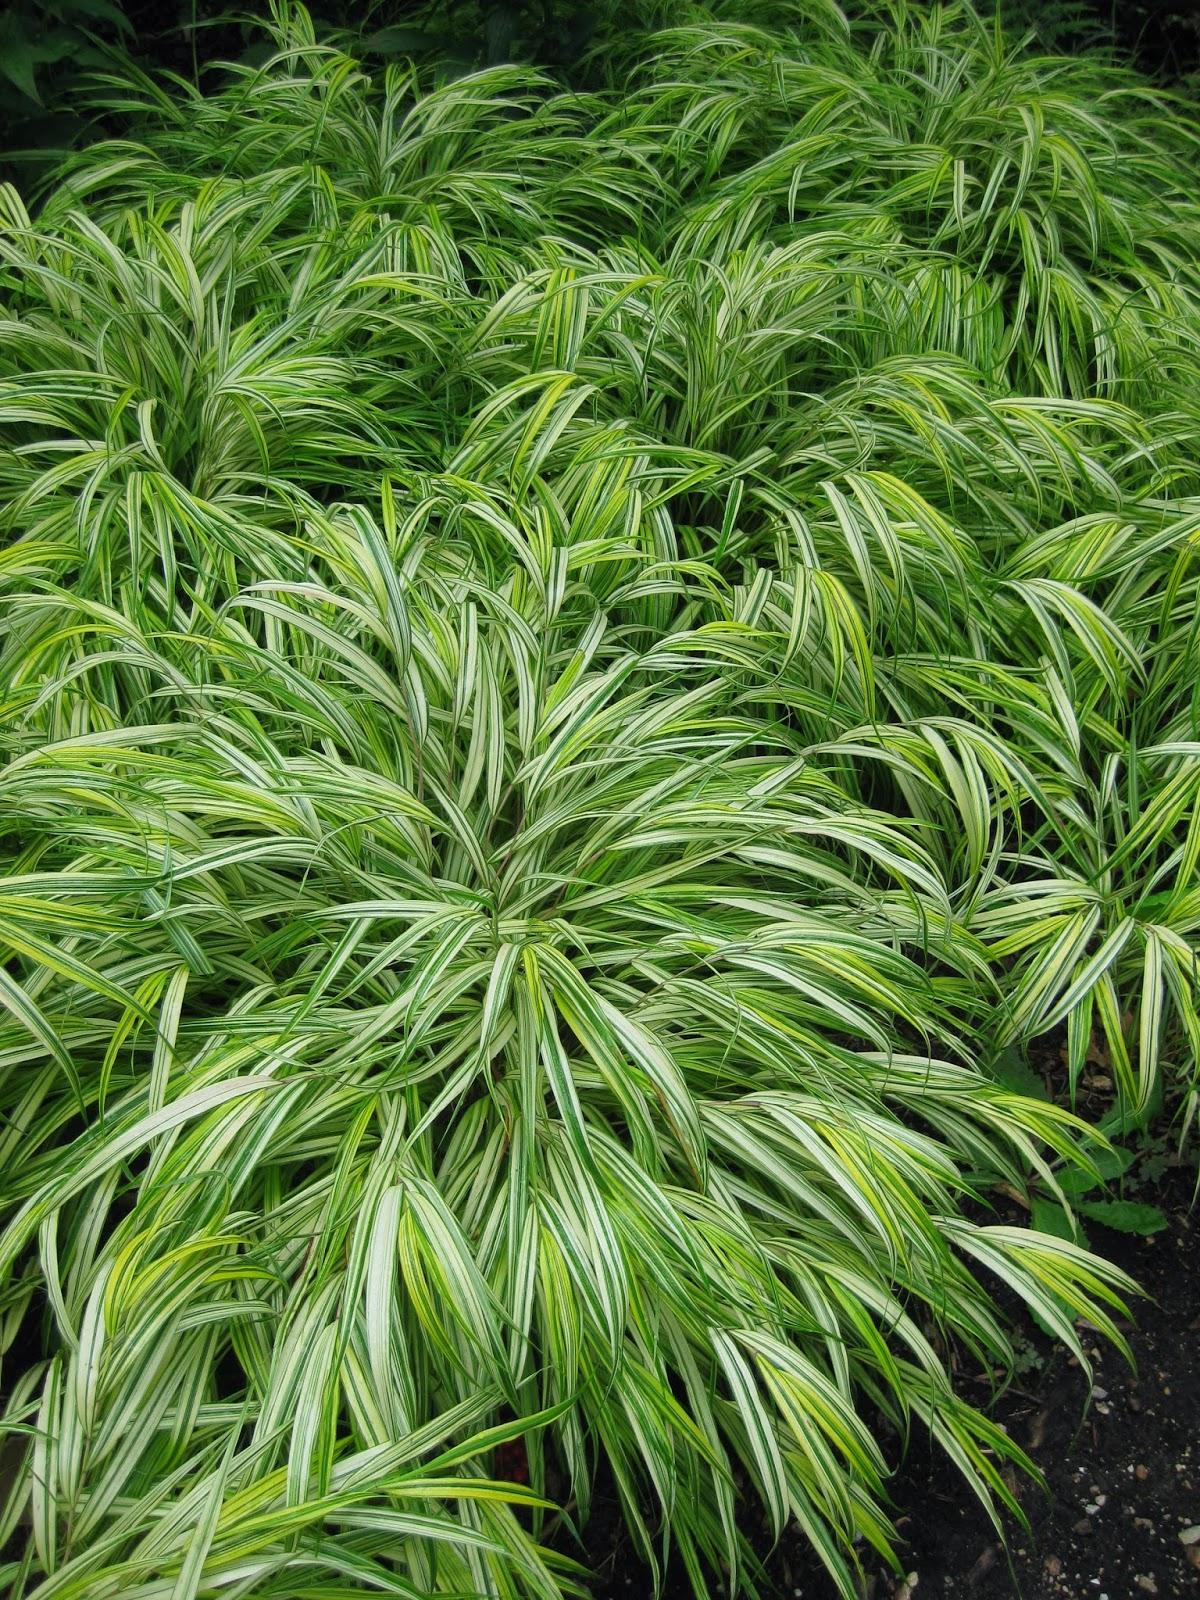 Rotary botanical gardens hort blog hakone grass a for Tall oriental grass